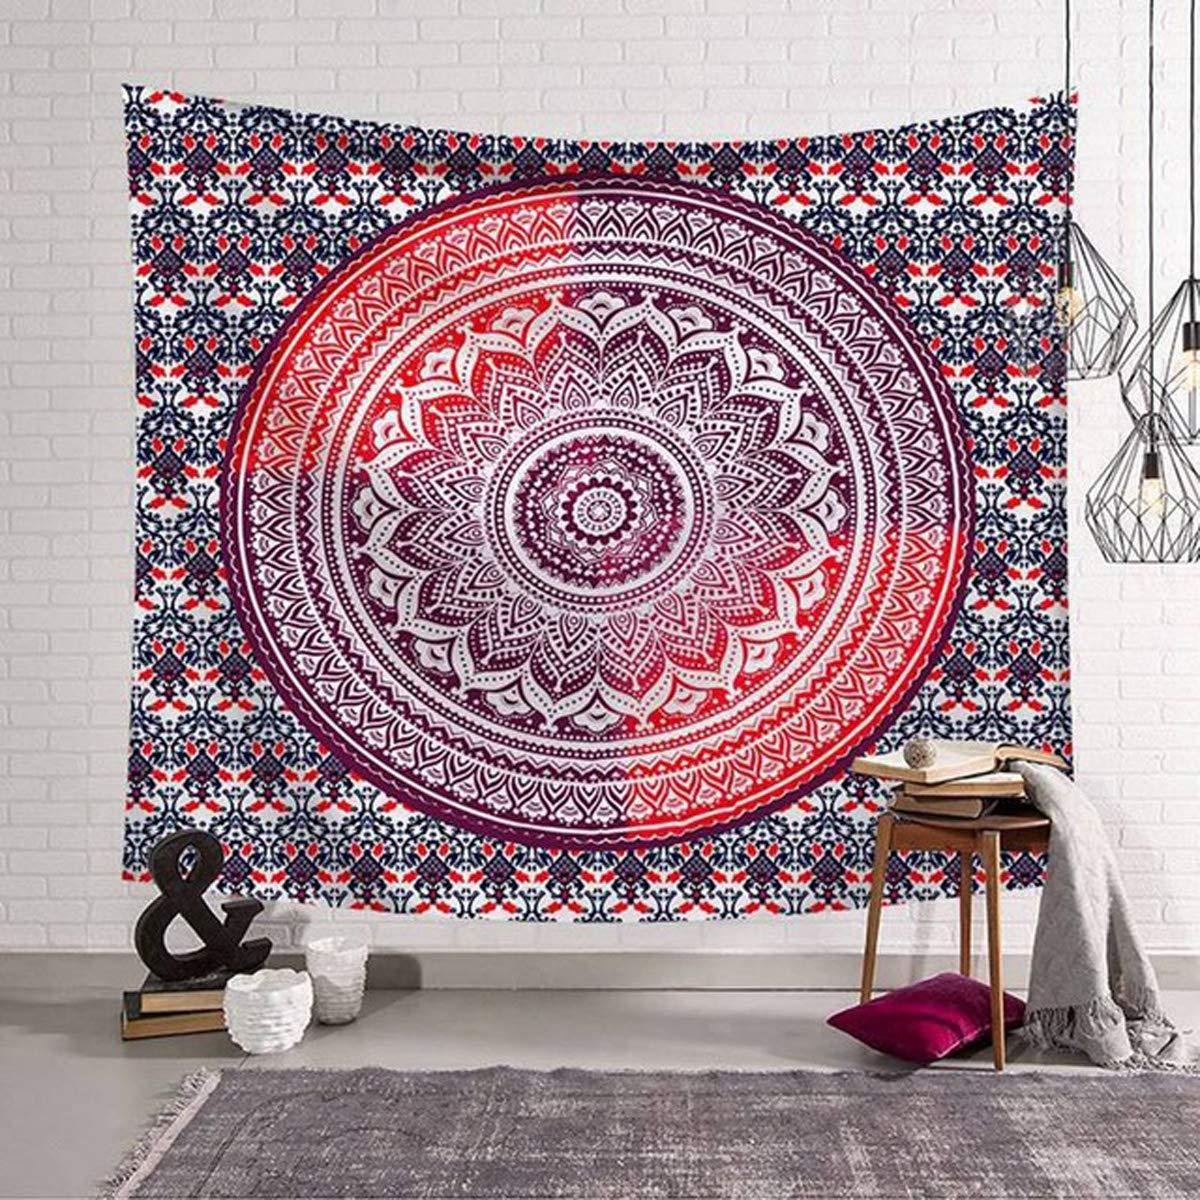 Biancheria da Letto Yoga arazzi Hippie Meditazione raajsee Arazzo Indiano in Cotone Rosso con Mandala copriletto Matrimoniale 210 x 220 cm Boh/émien Spiaggia